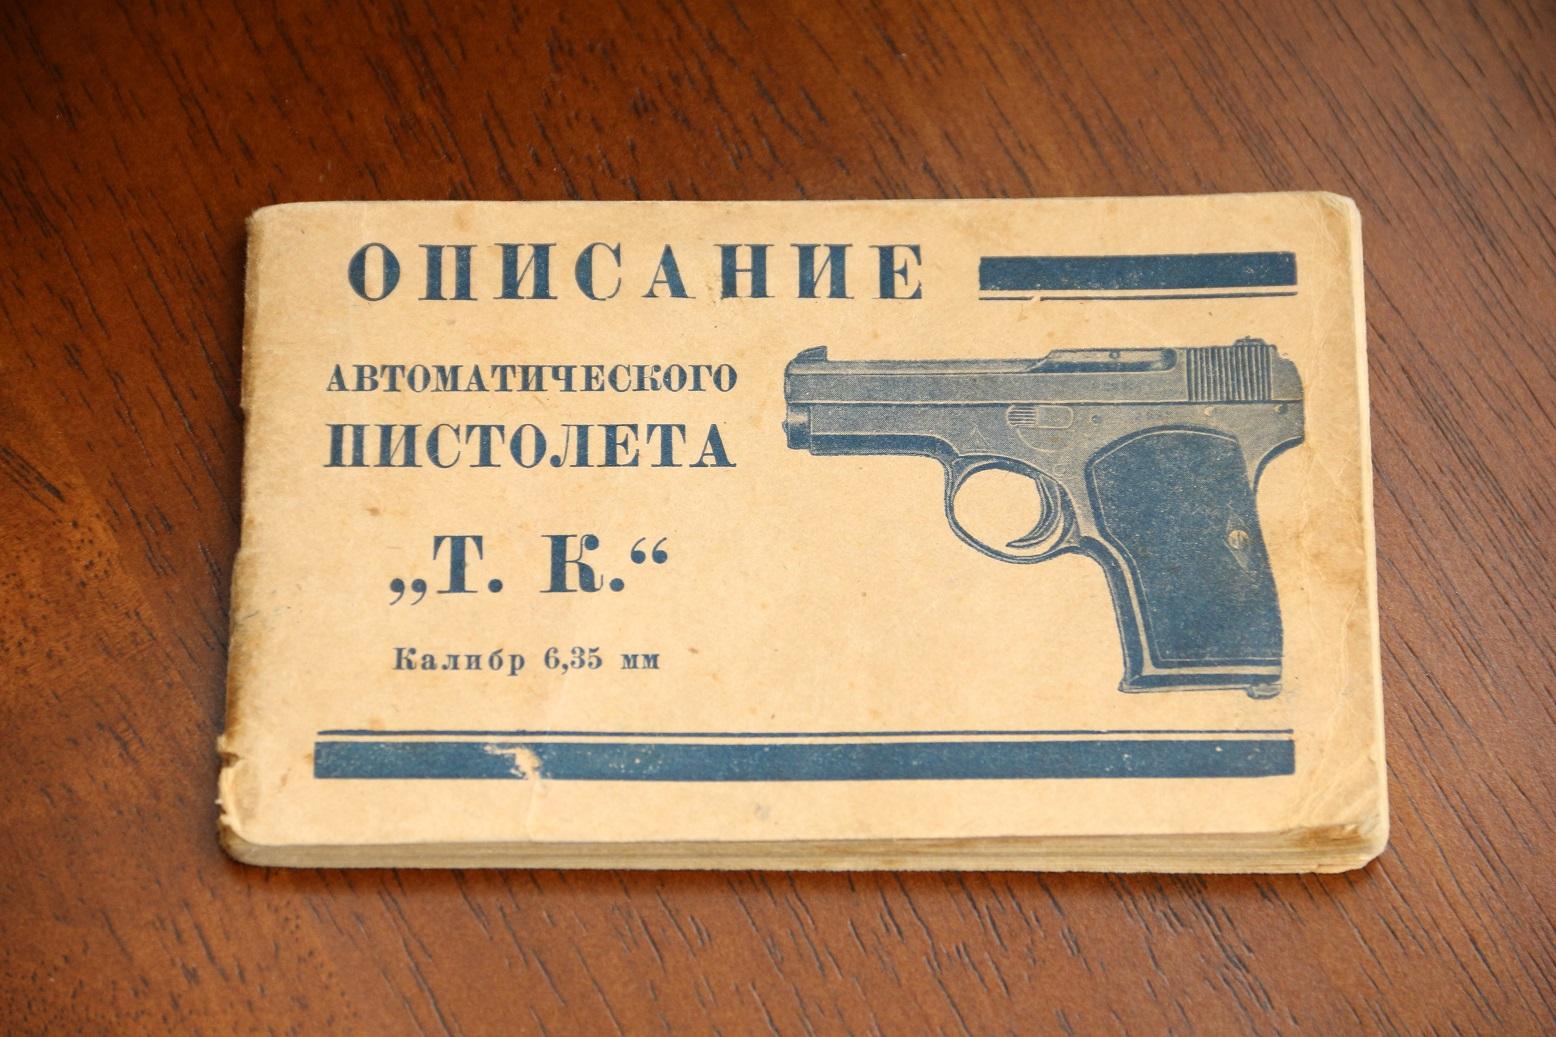 Фото Описание автоматического пистолета «Т. К.» калибр 6,35 мм, СССР 1920-1930 годы №2